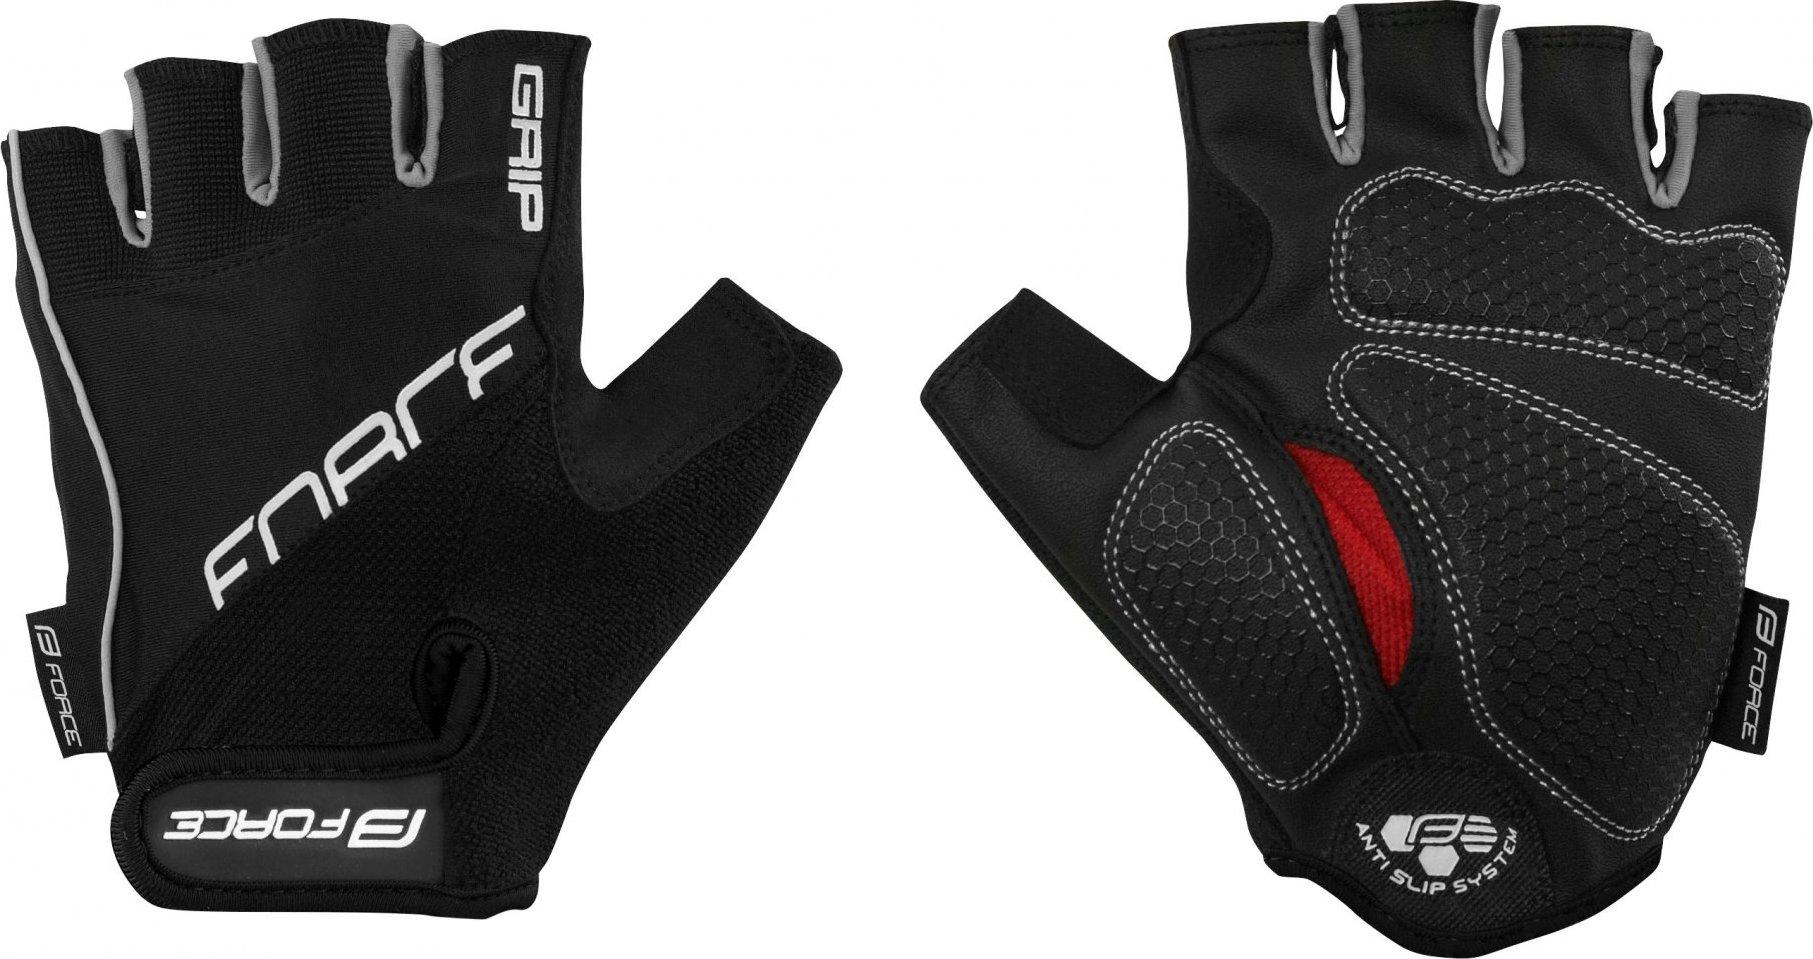 rukavice FORCE GRIP gel, černé Velikost: M